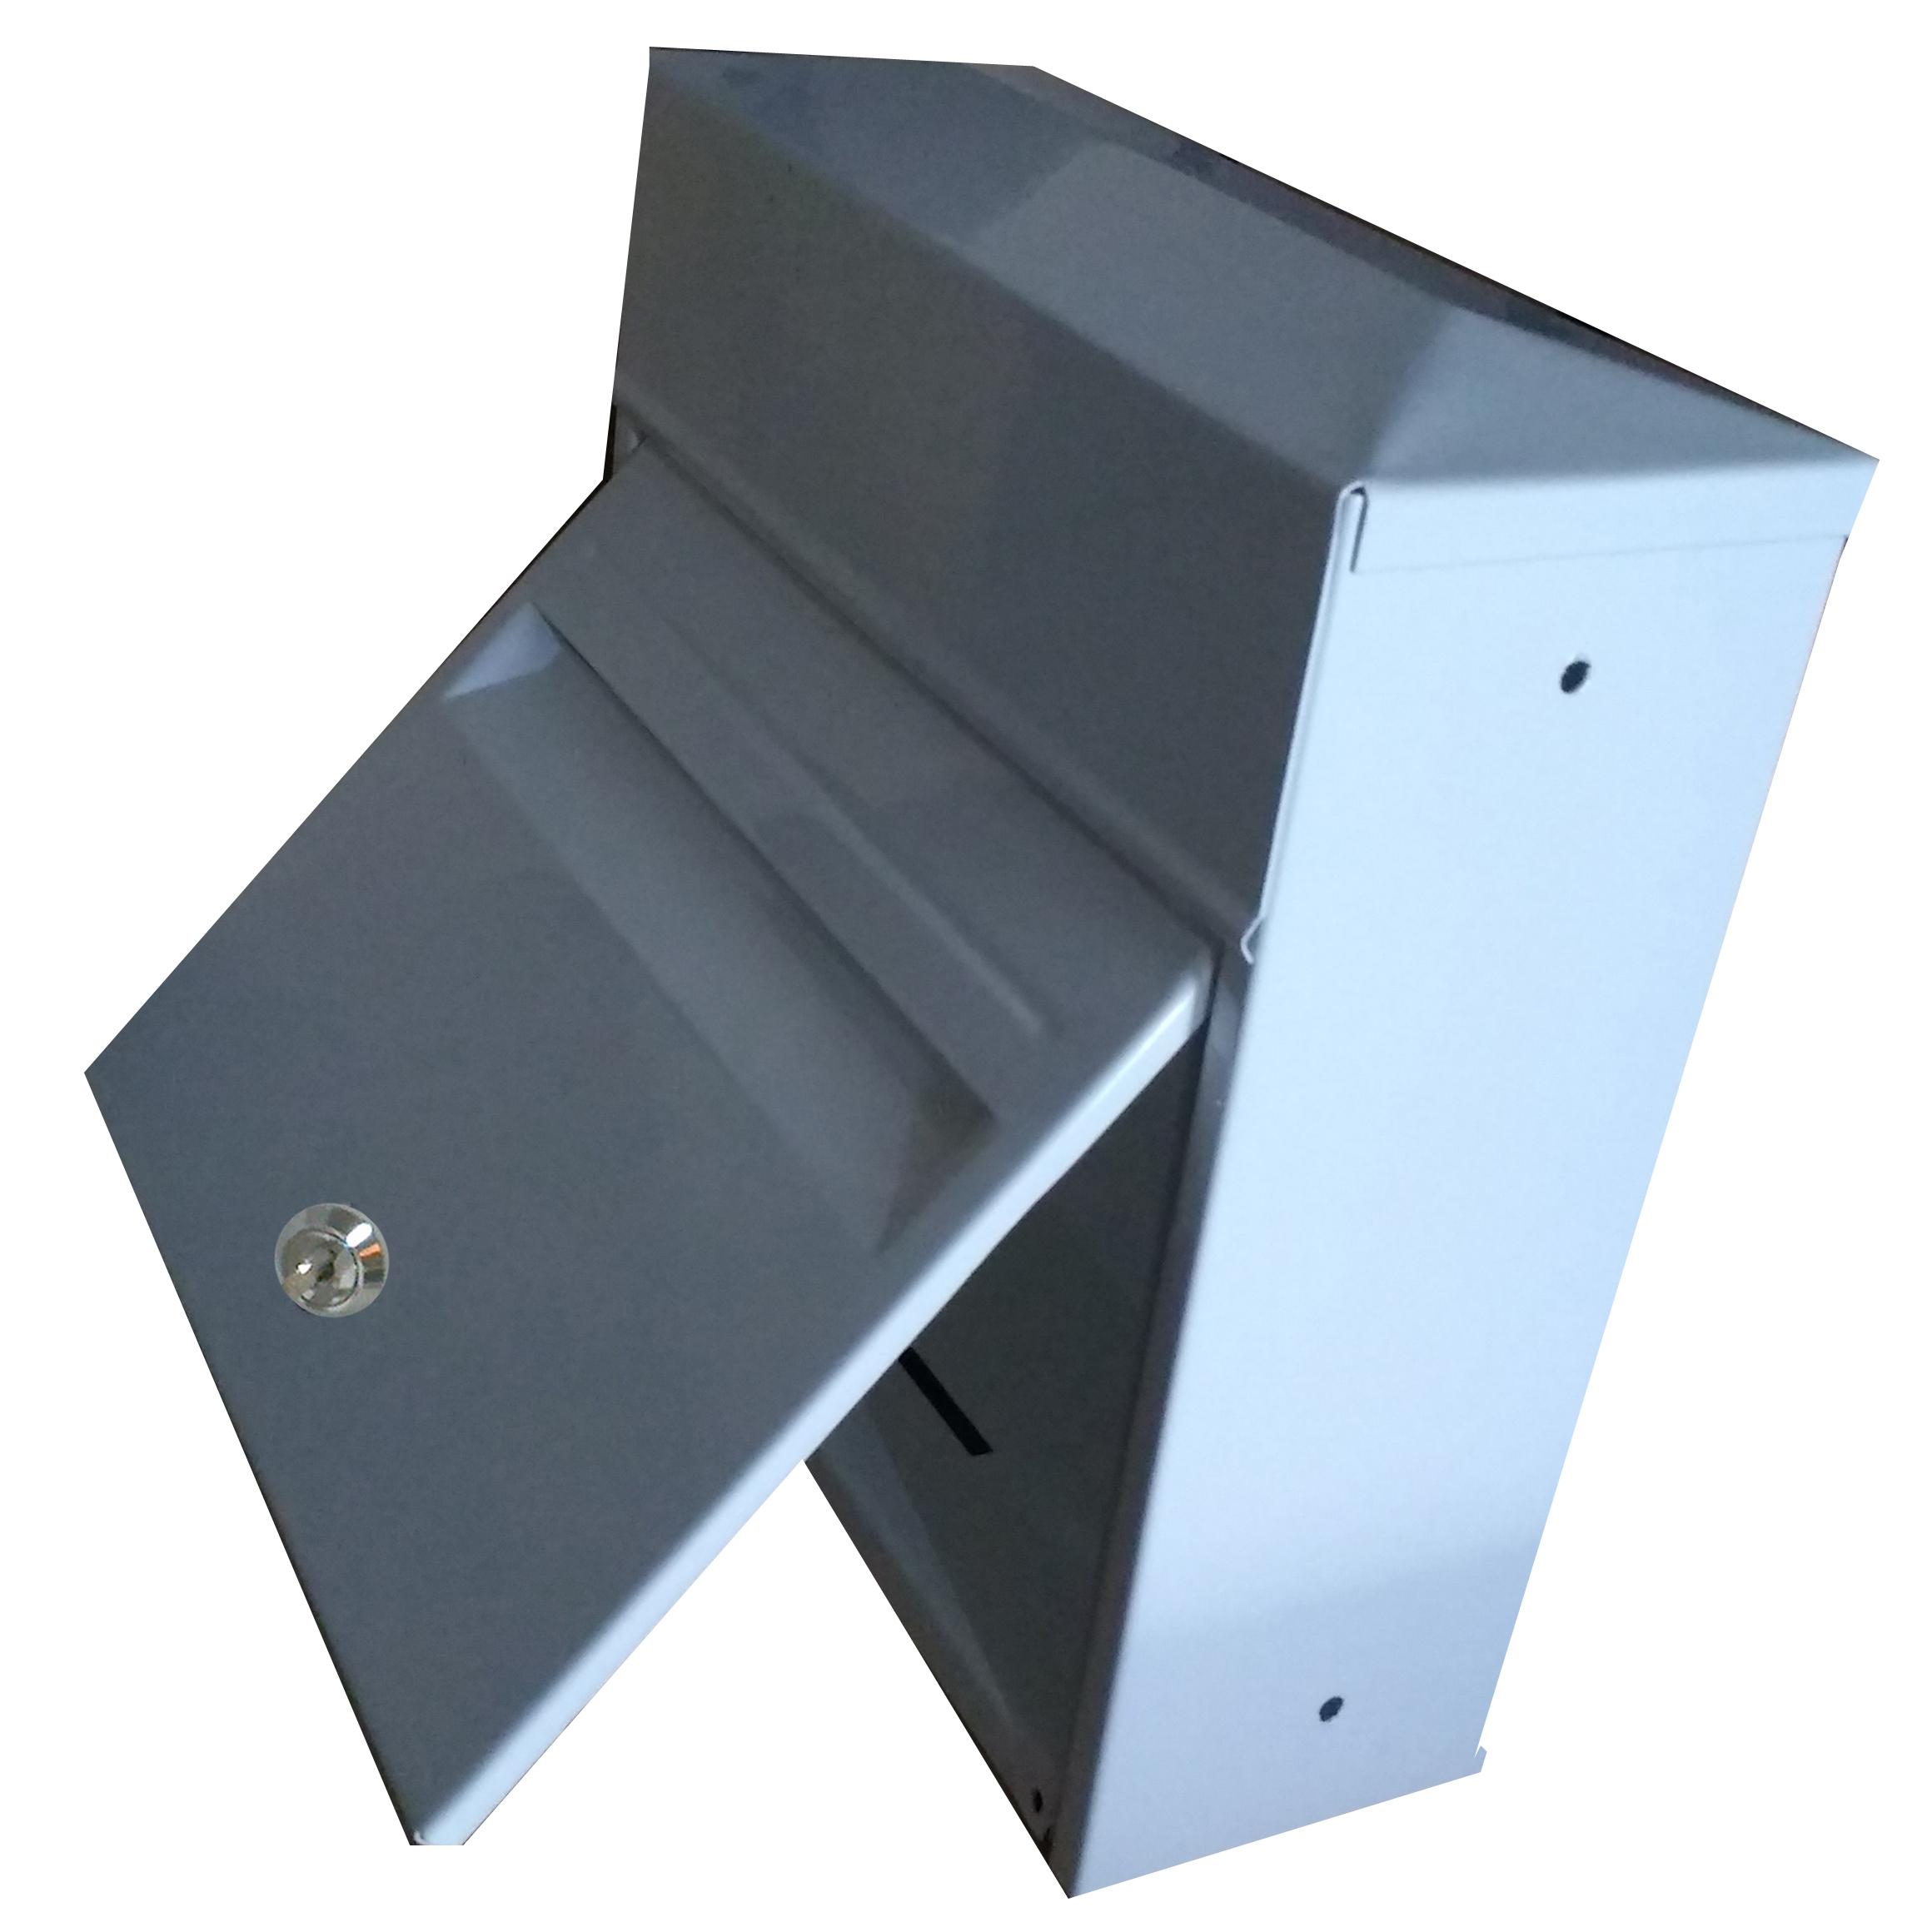 http://www.nilart.com.br/galeria/caixa-de-correio-entrada-e-saida-frontal-com-chave-850.136-2.jpg